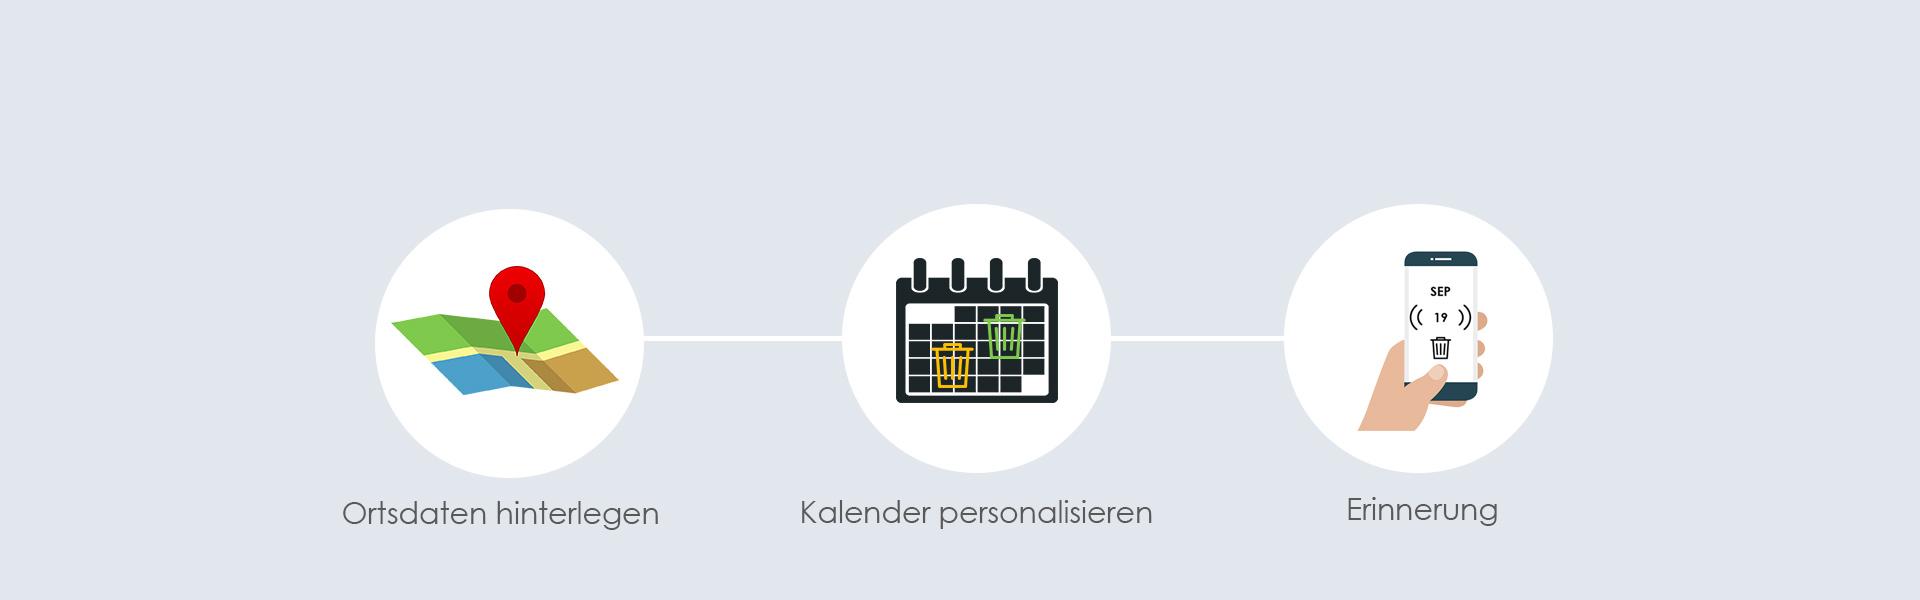 3 muell kalender ©brain-SCC GmbH